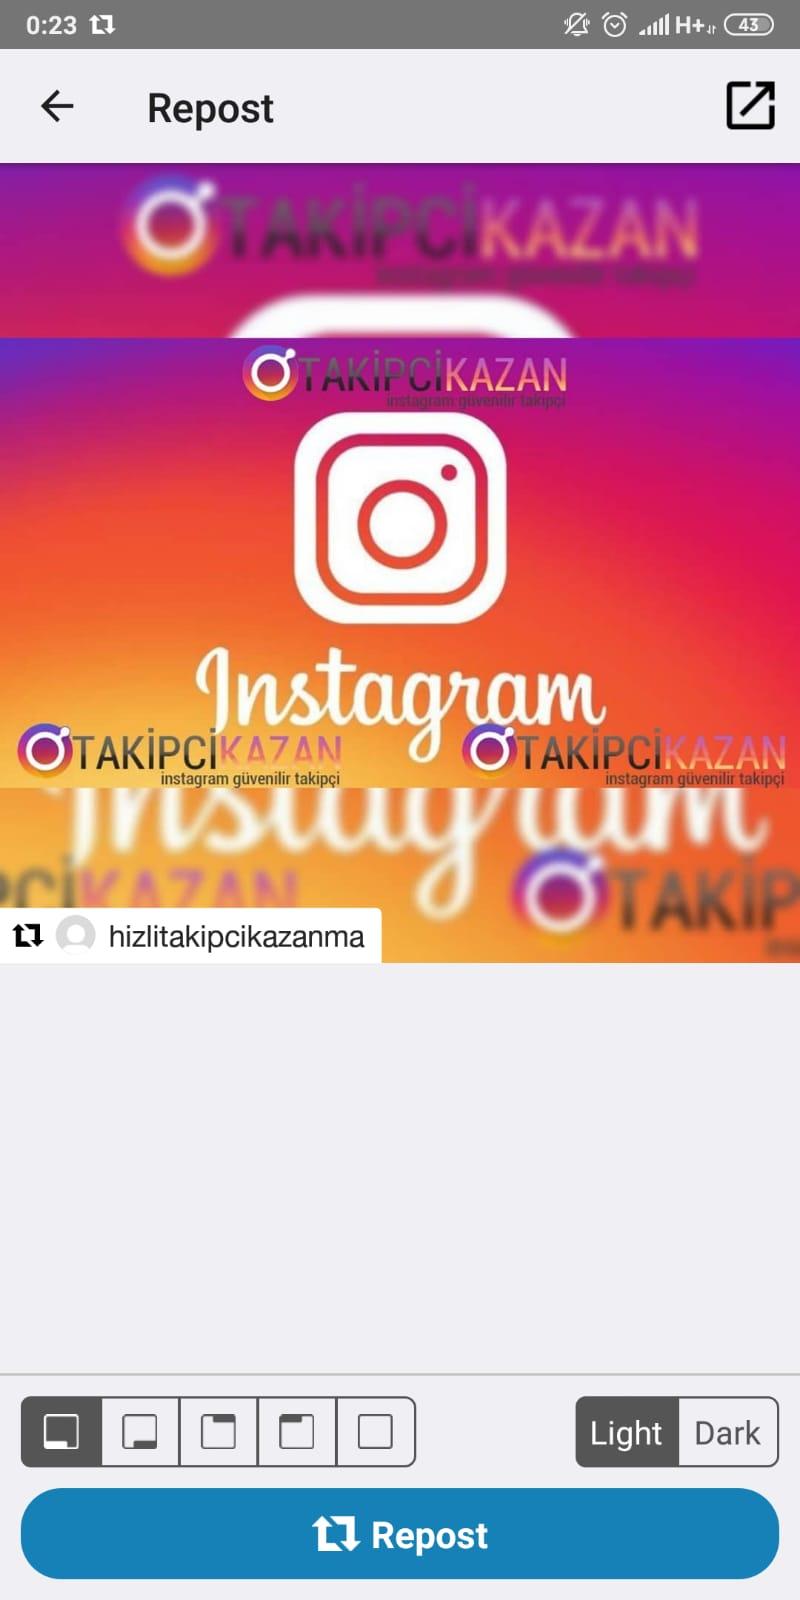 instagramda repost nasıl ypaılır